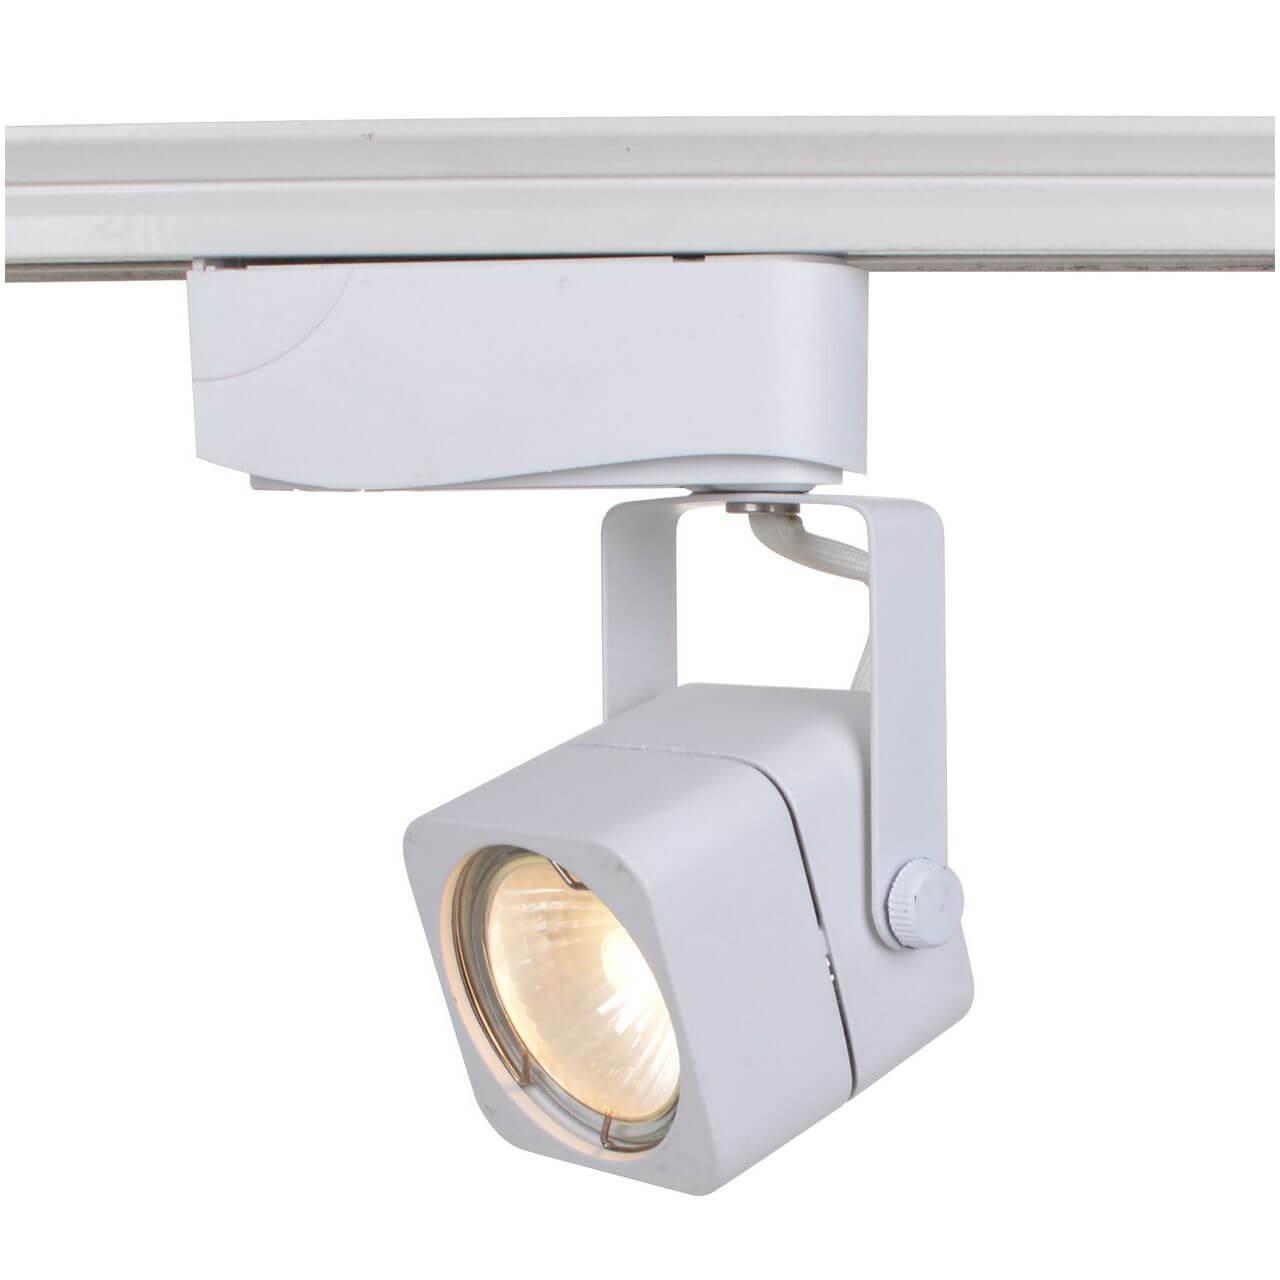 Светильник Arte Lamp A1314PL-1WH Linea White трековый светильник arte lamp linea a1314pl 1wh